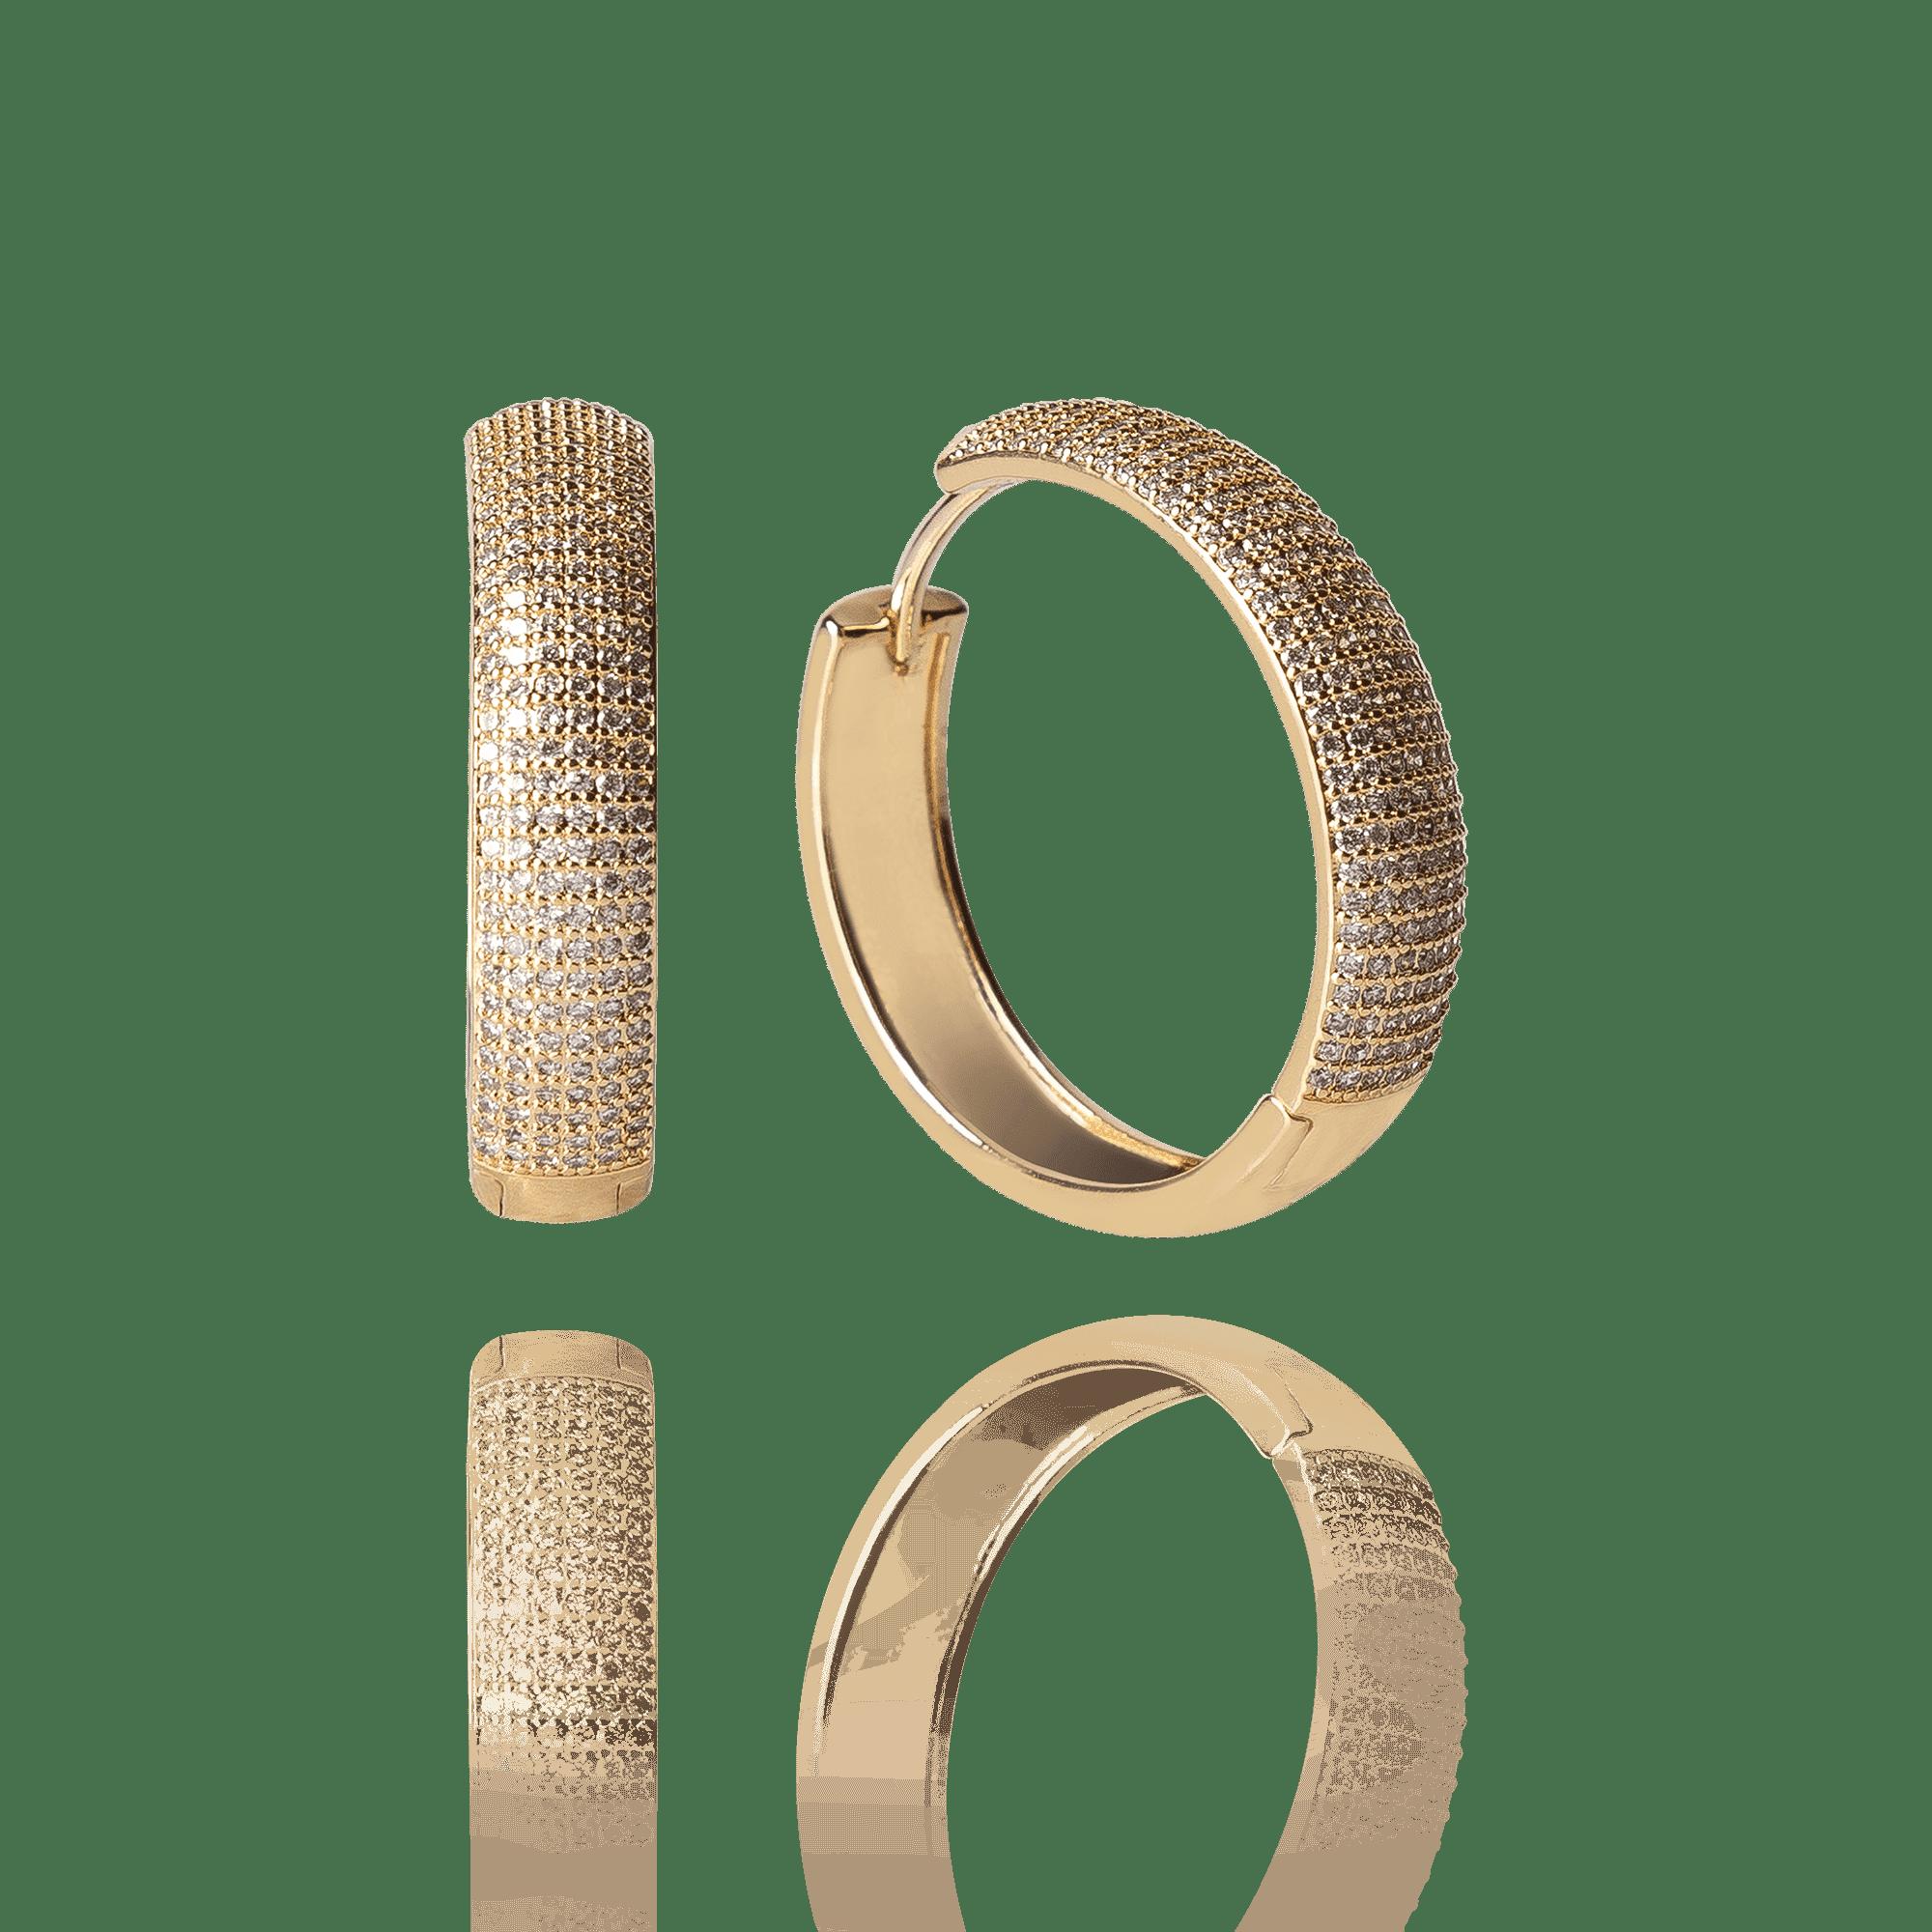 Brinco Argola Fechada Dourada com Zircônias